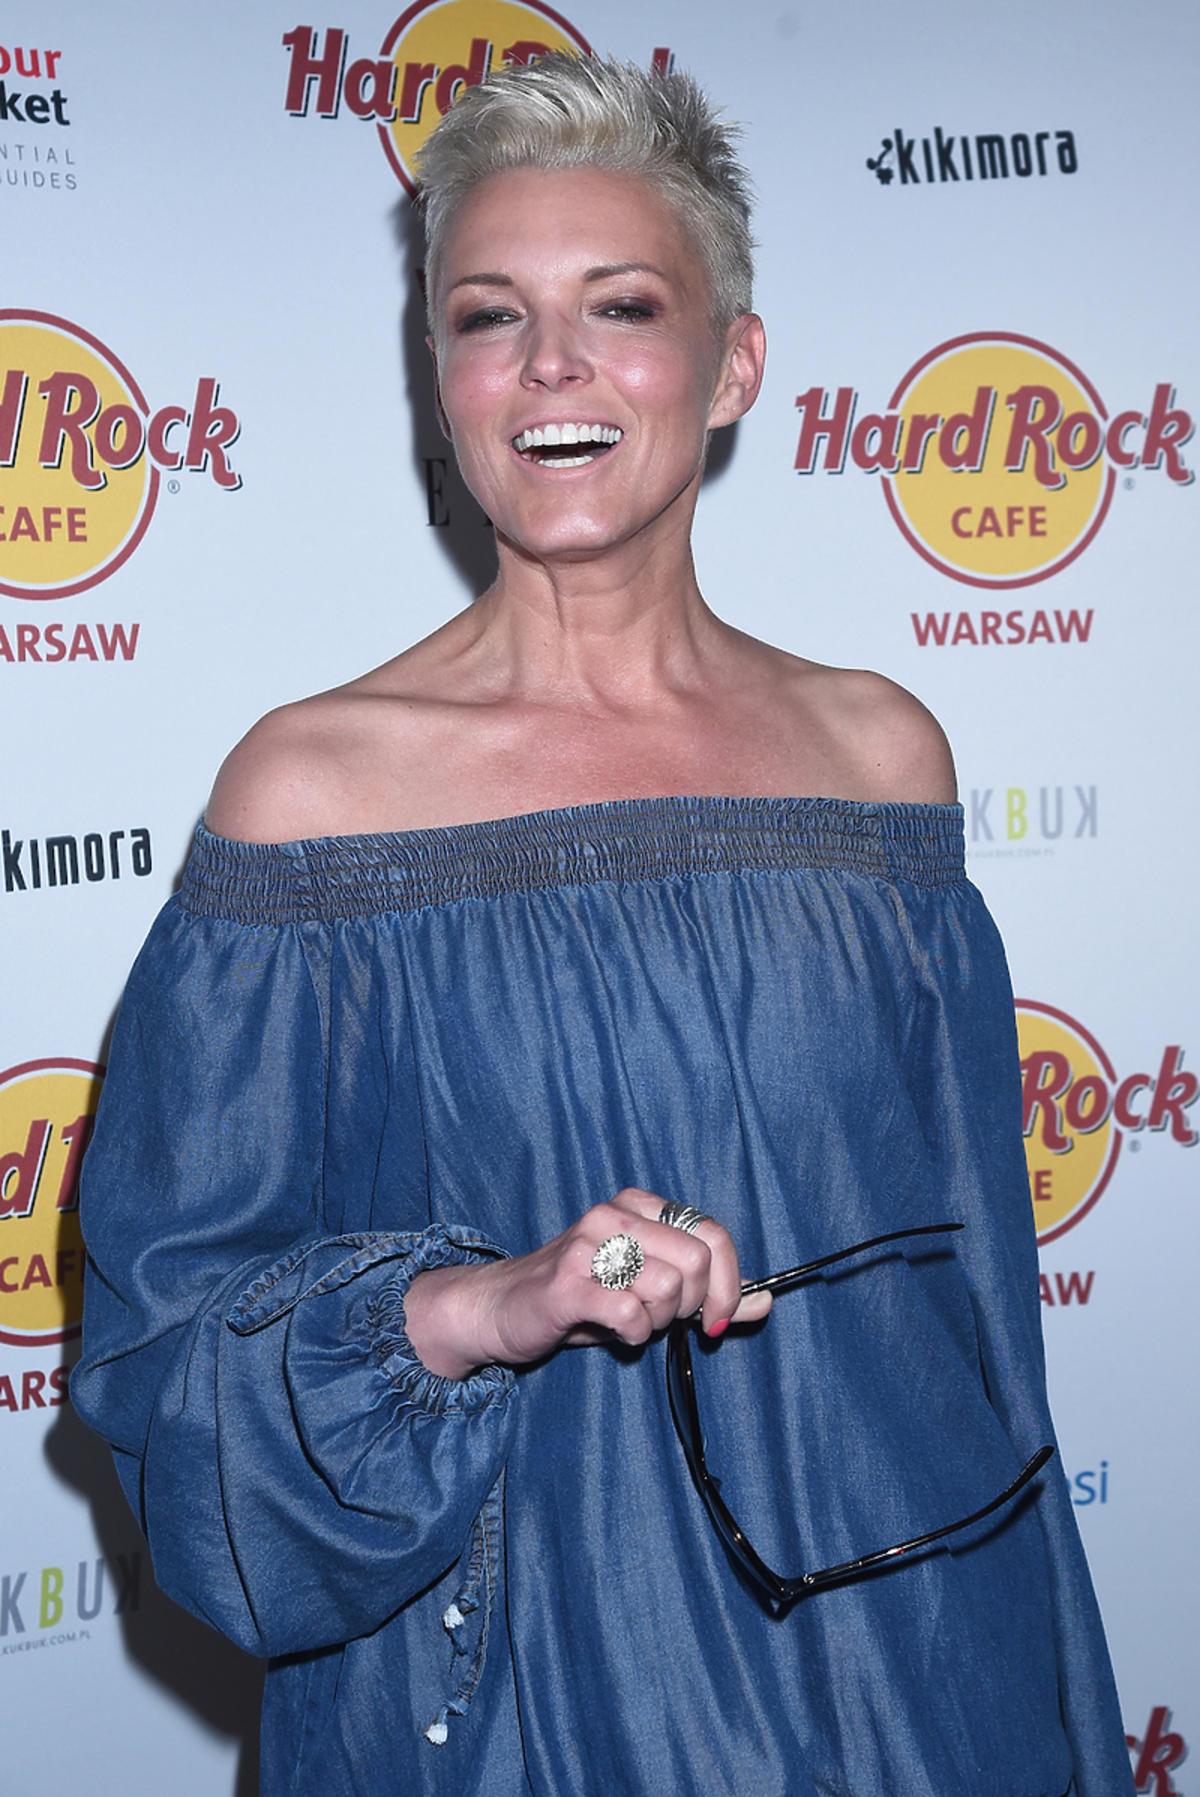 Modowa wpadka Ilony Felicjańskiej na urodzinach Hard Rock Cafe